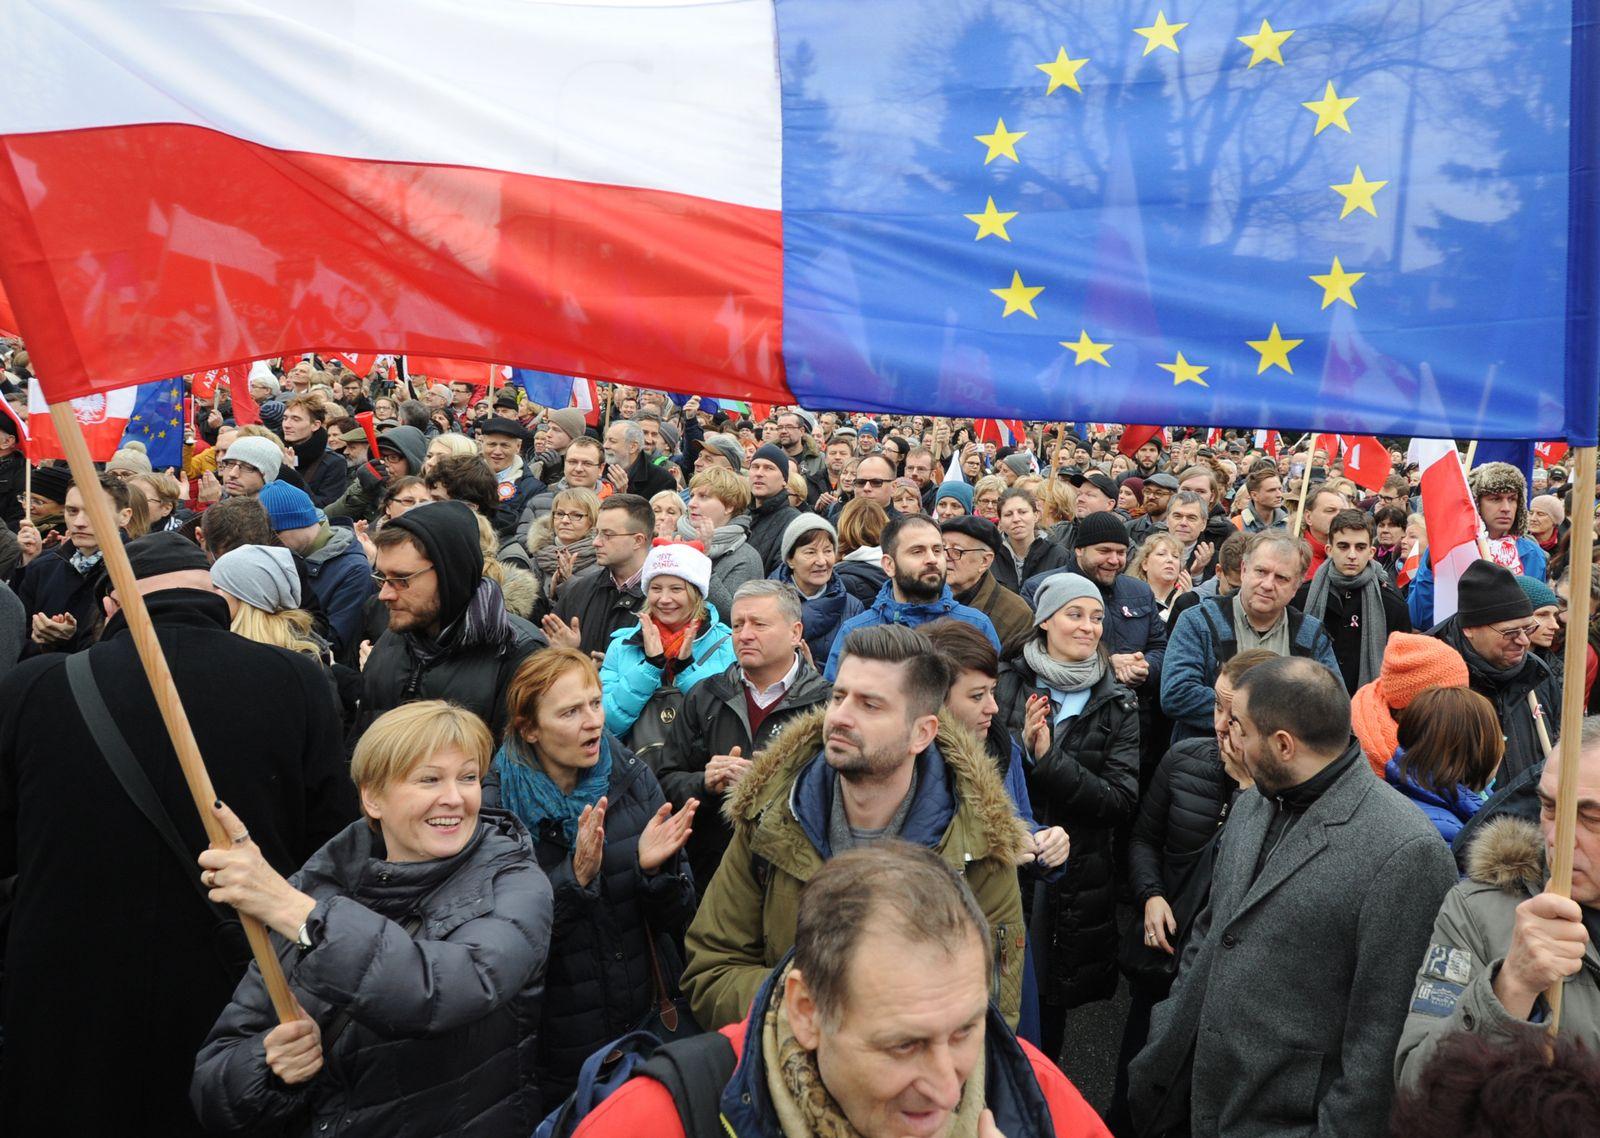 Polen / EU-Flagge